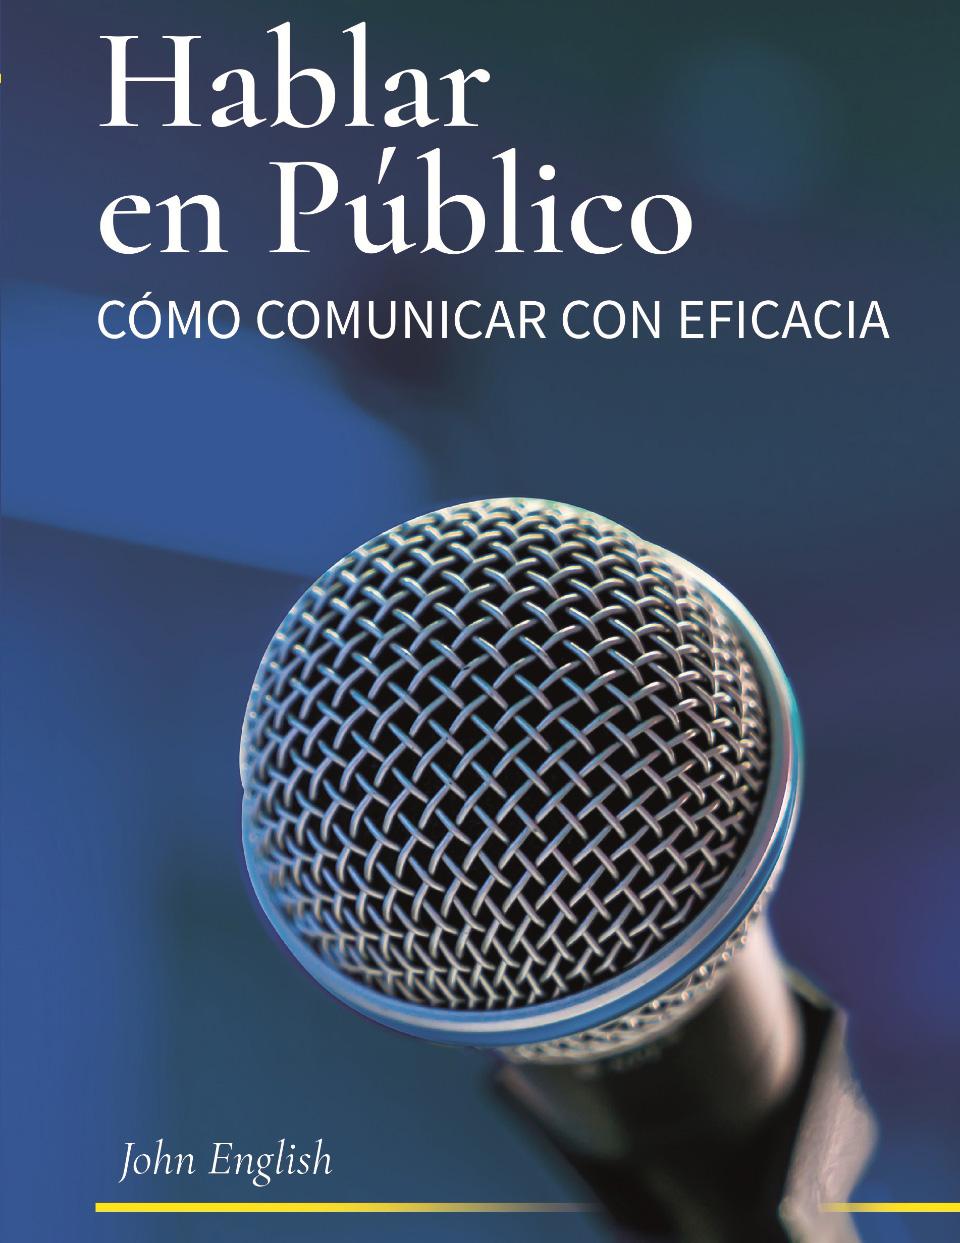 Hablar en Publico Como Comunicar con Eficacia